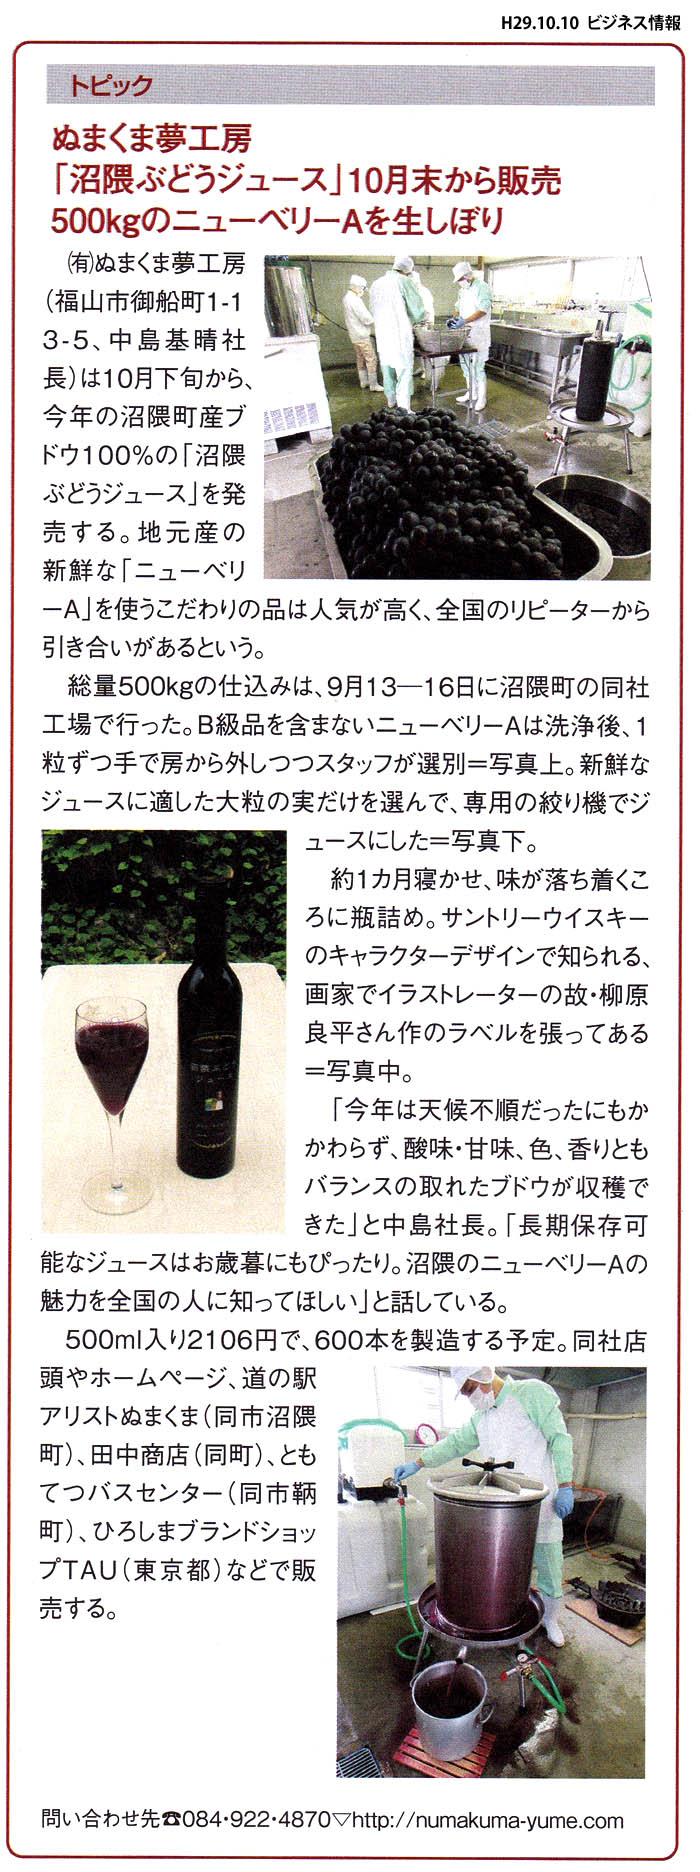 沼隈ぶどうジュース171010ビジネス情報